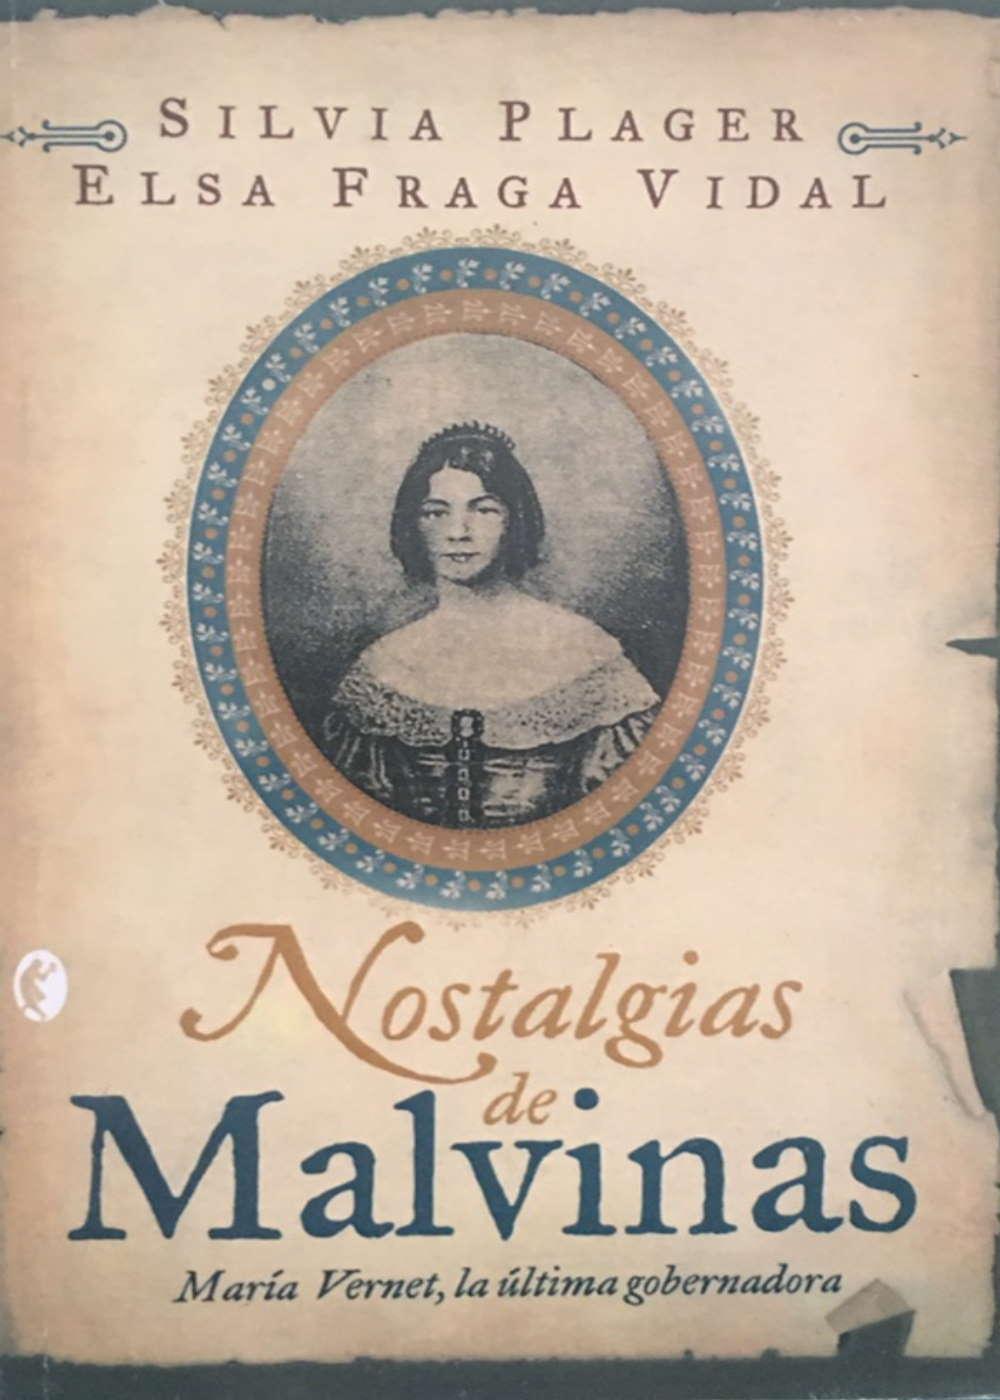 Nostalgias de Malvinas